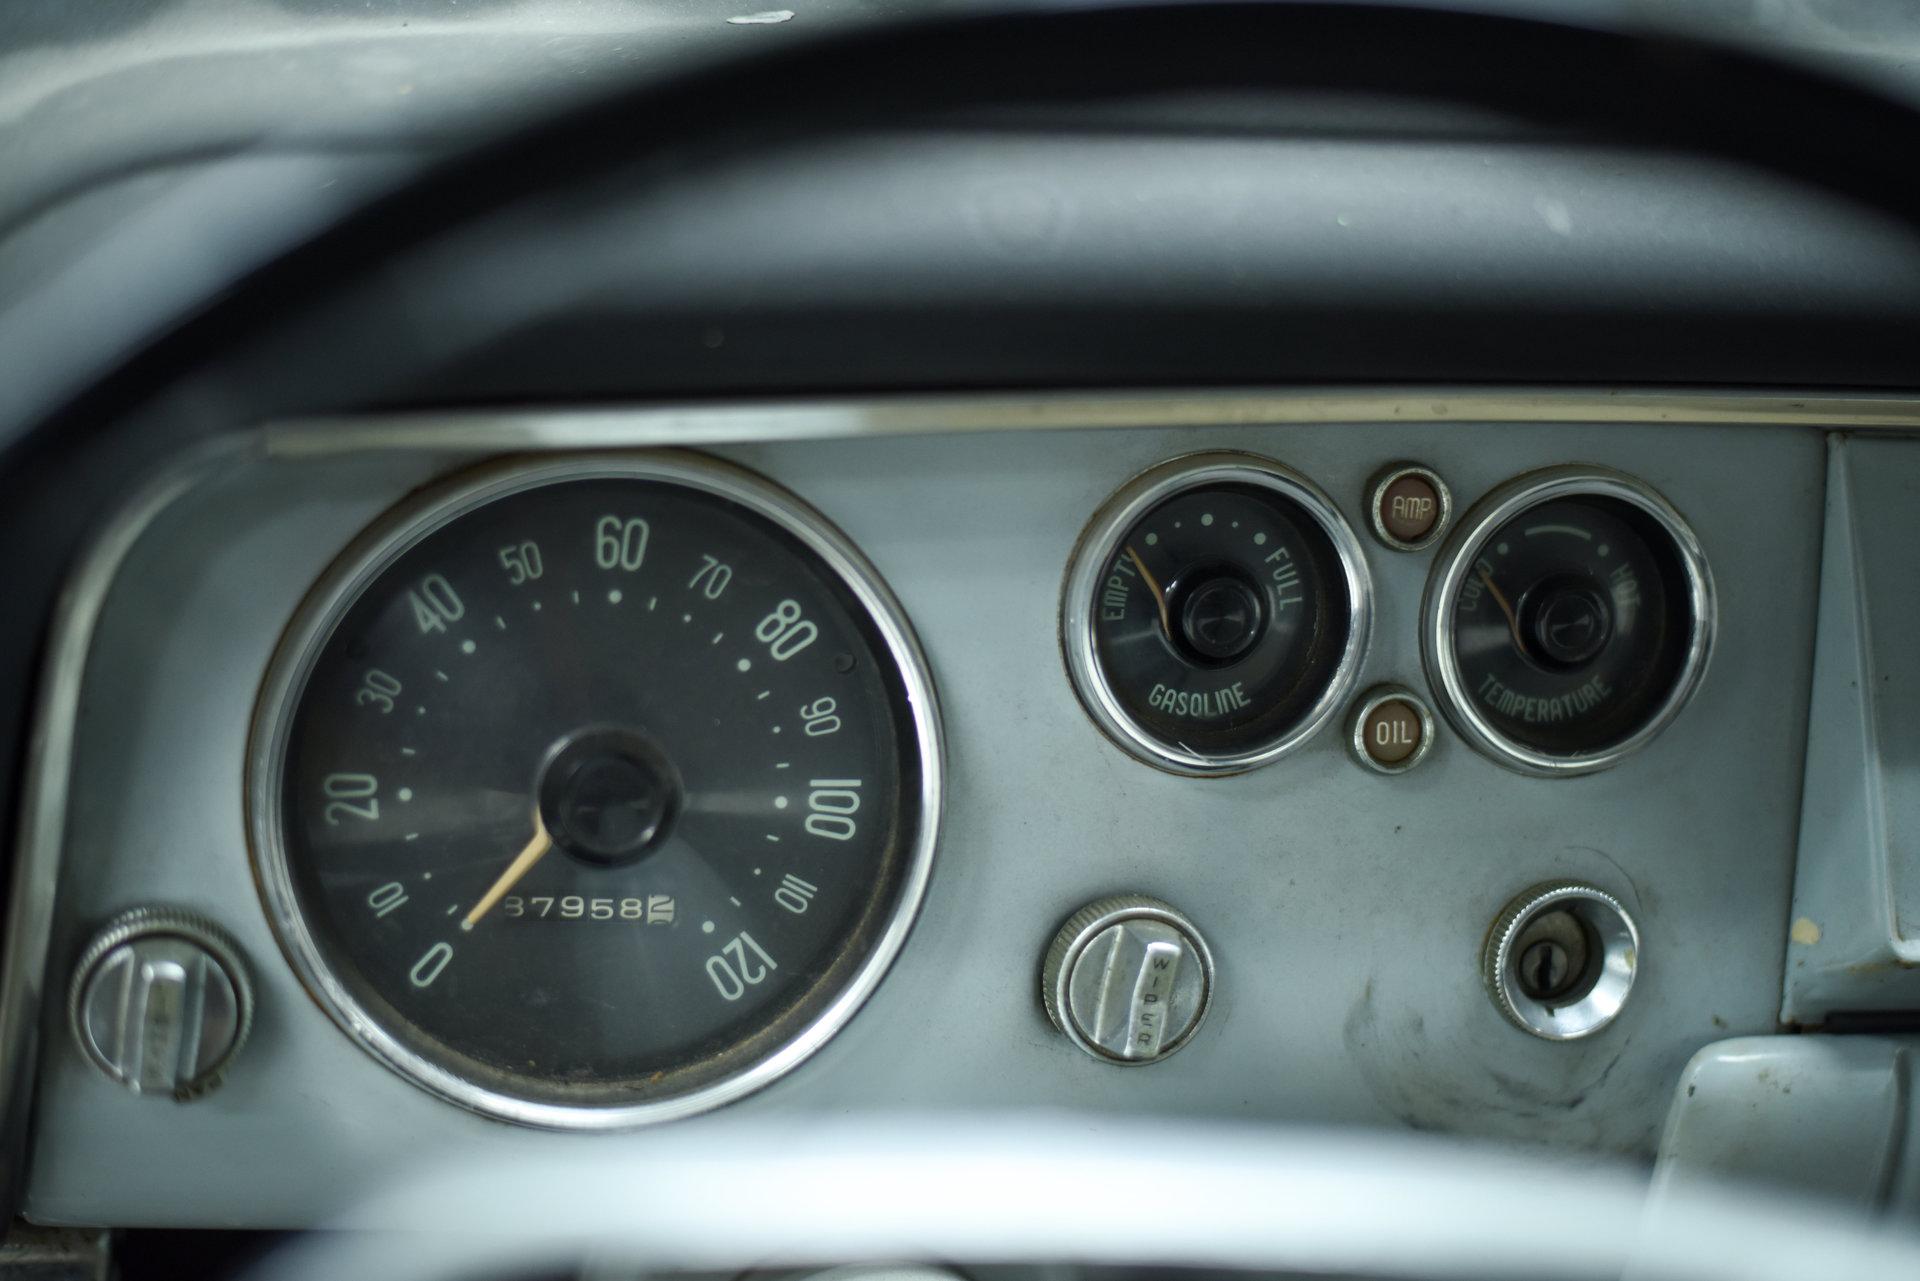 Ba Hd Dodge Regent Sedan on 194 Cid 6 Cylinder Engine